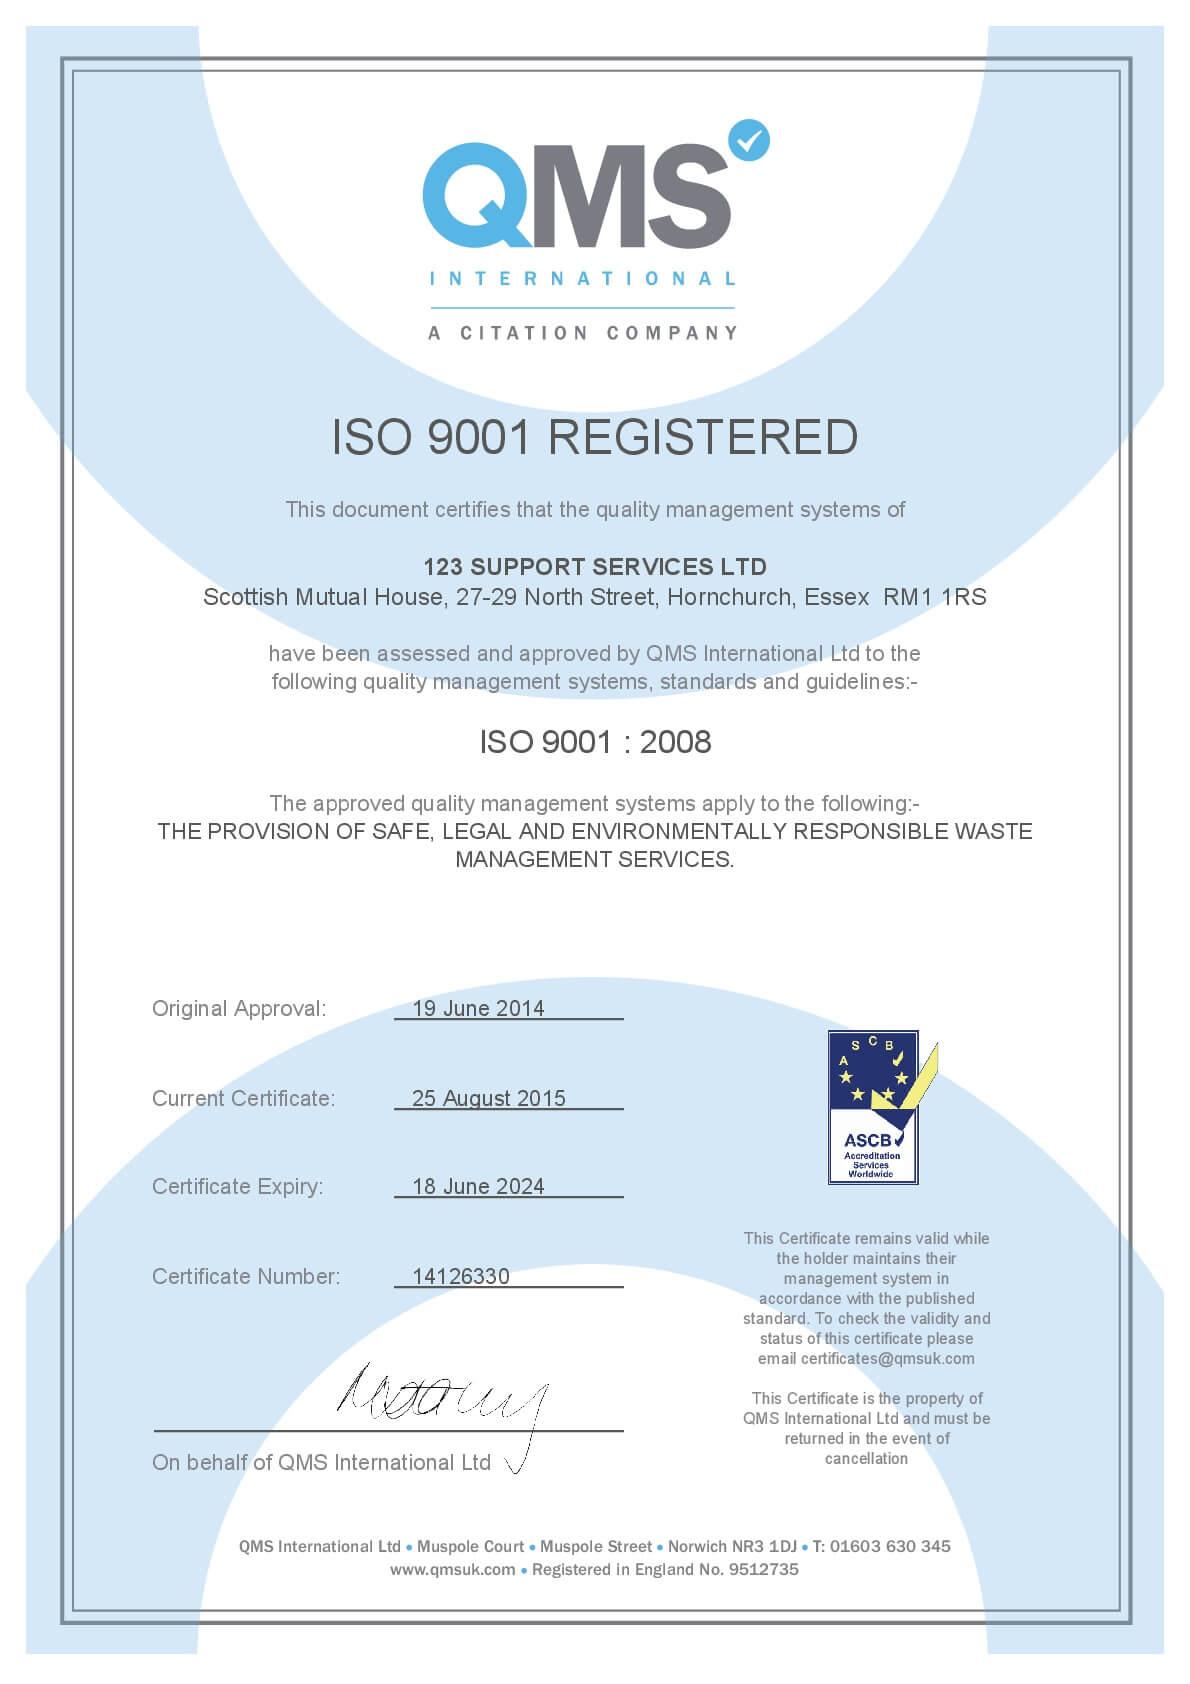 ISO 9001 Registered certificate